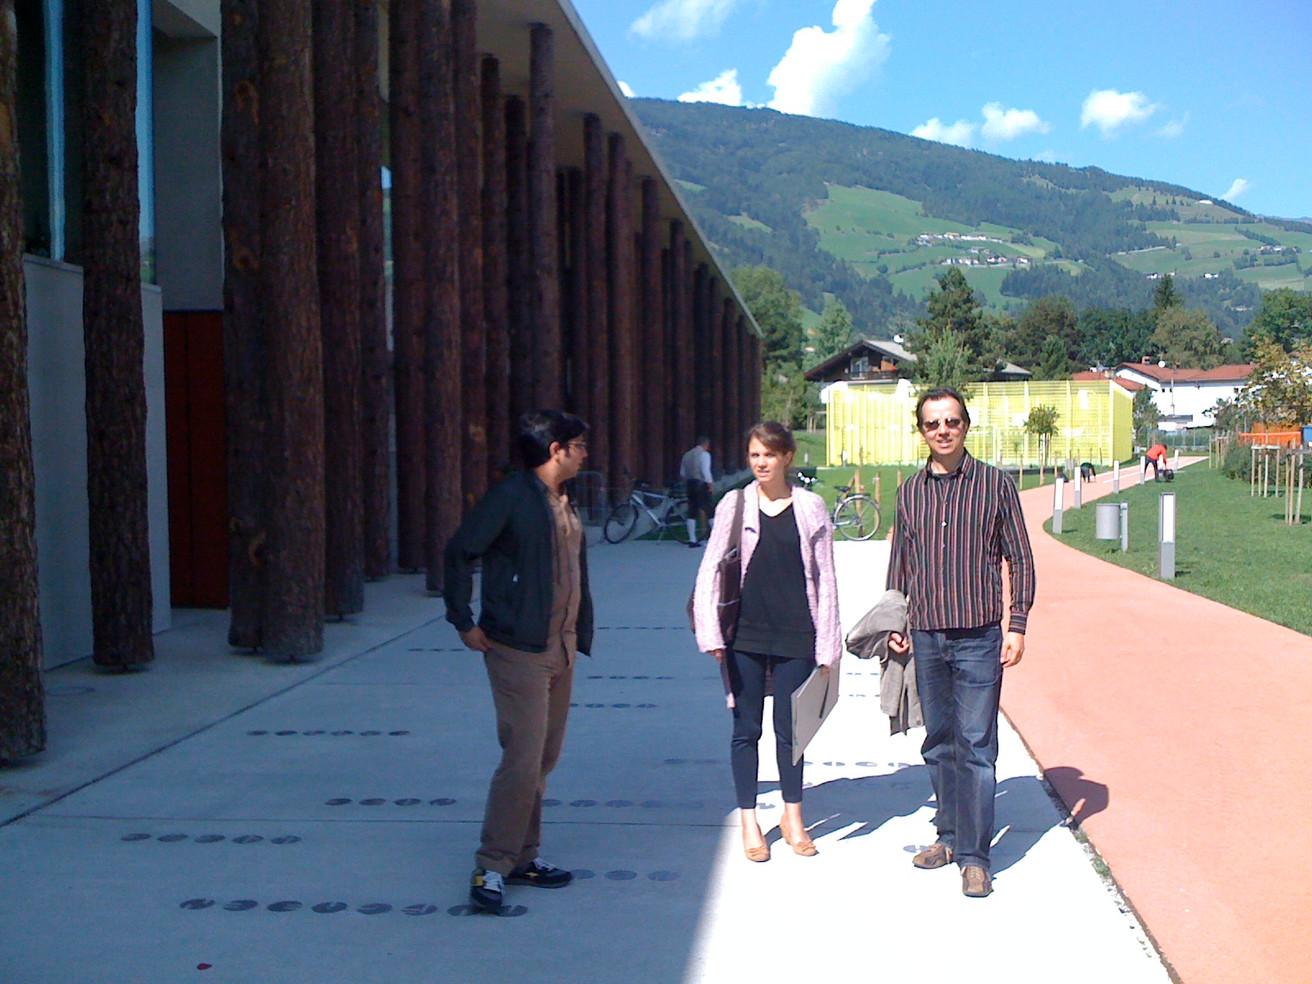 Bozen TRANSART Festival Irene Galindo Quero, Uday Krishnakum Wolfgang Sehringer  2011